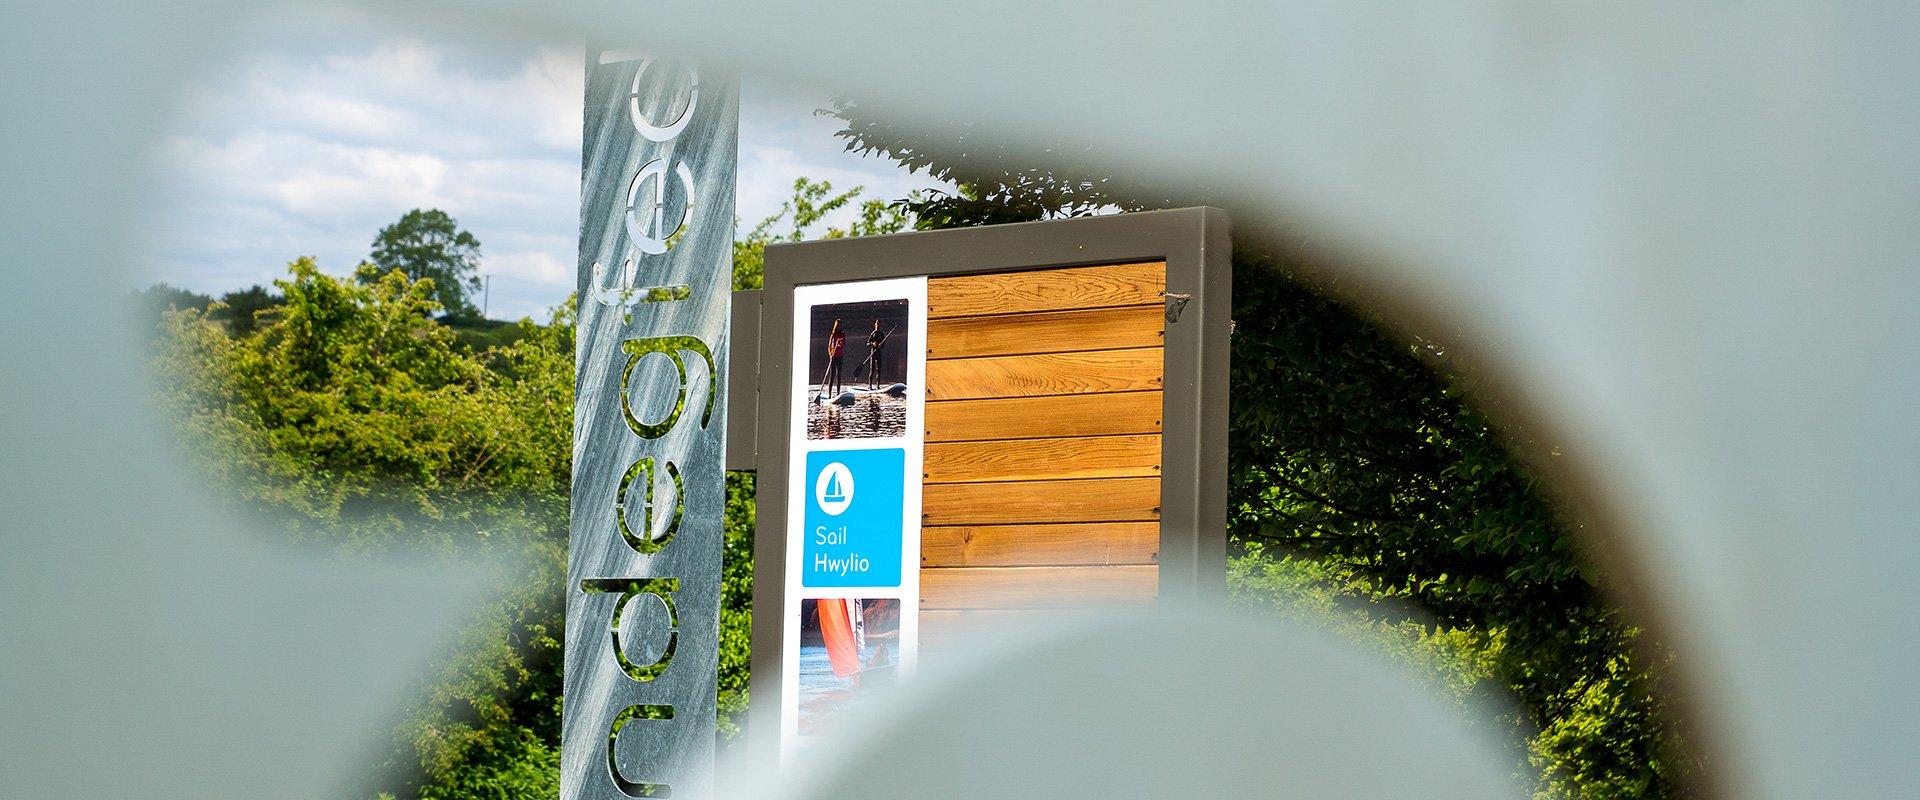 Dwr Cymru Welsh Water Llandegfedd visitor centre sign focus